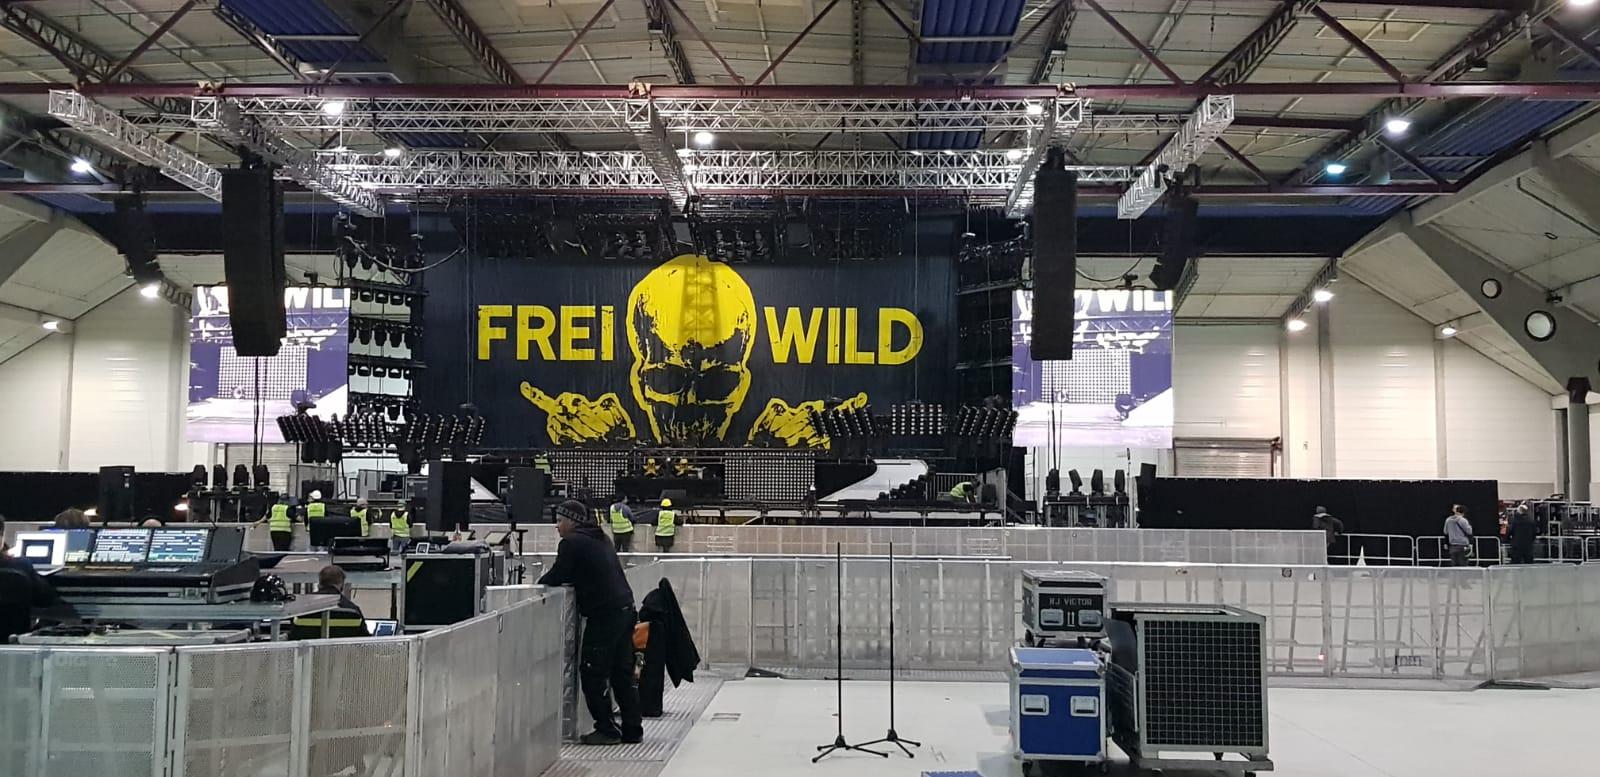 5fce31f02edc1_Freiwild